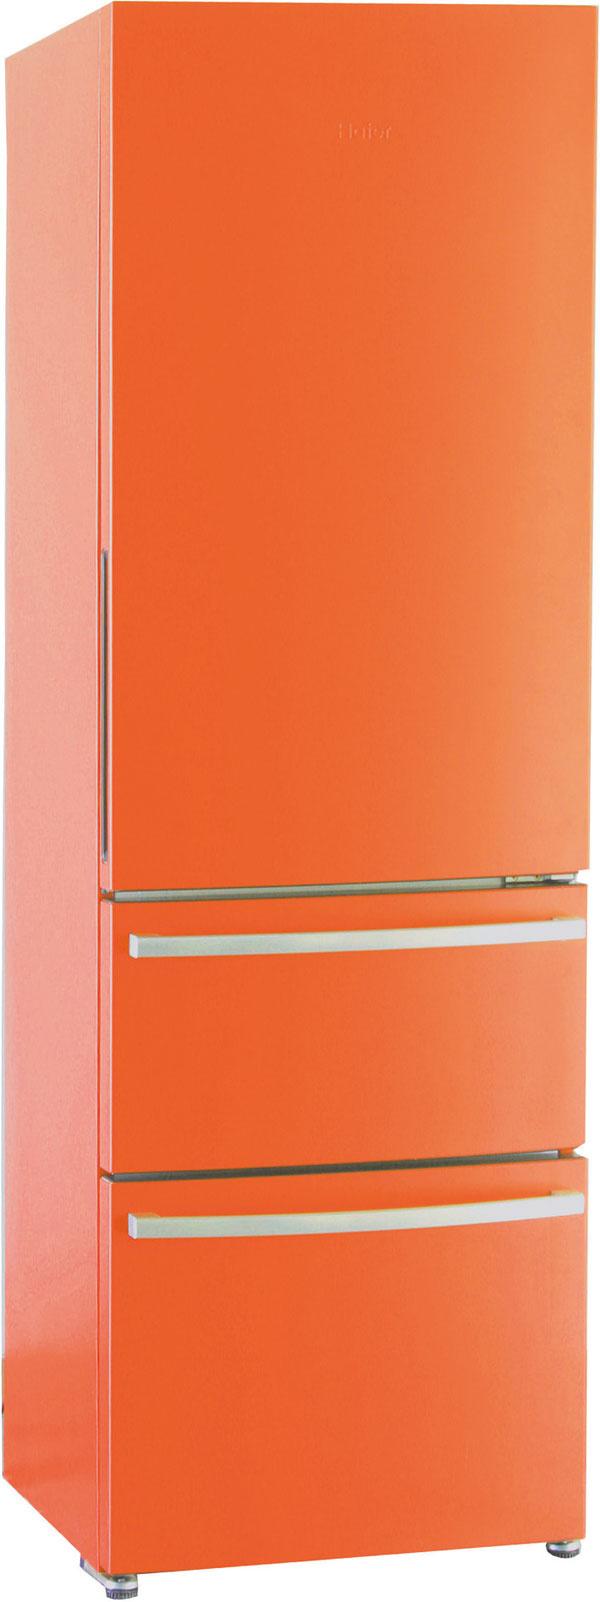 Kombinovaná chladnička Haier AFL 631 CB, energetická trieda A+, No Frost, antibakteriálny povrch, objem chladničky 308 litrov (230/78), Extra High LED displej, rýchle mrazenie, signalizácia zvýšenej teploty, LED vnútorné osvetlenie. Spotreba 317kWh/rok (0,87 kWh/deň), hlučnosť 42 dB. Cena 699 €. Predáva Planeo Elektro.